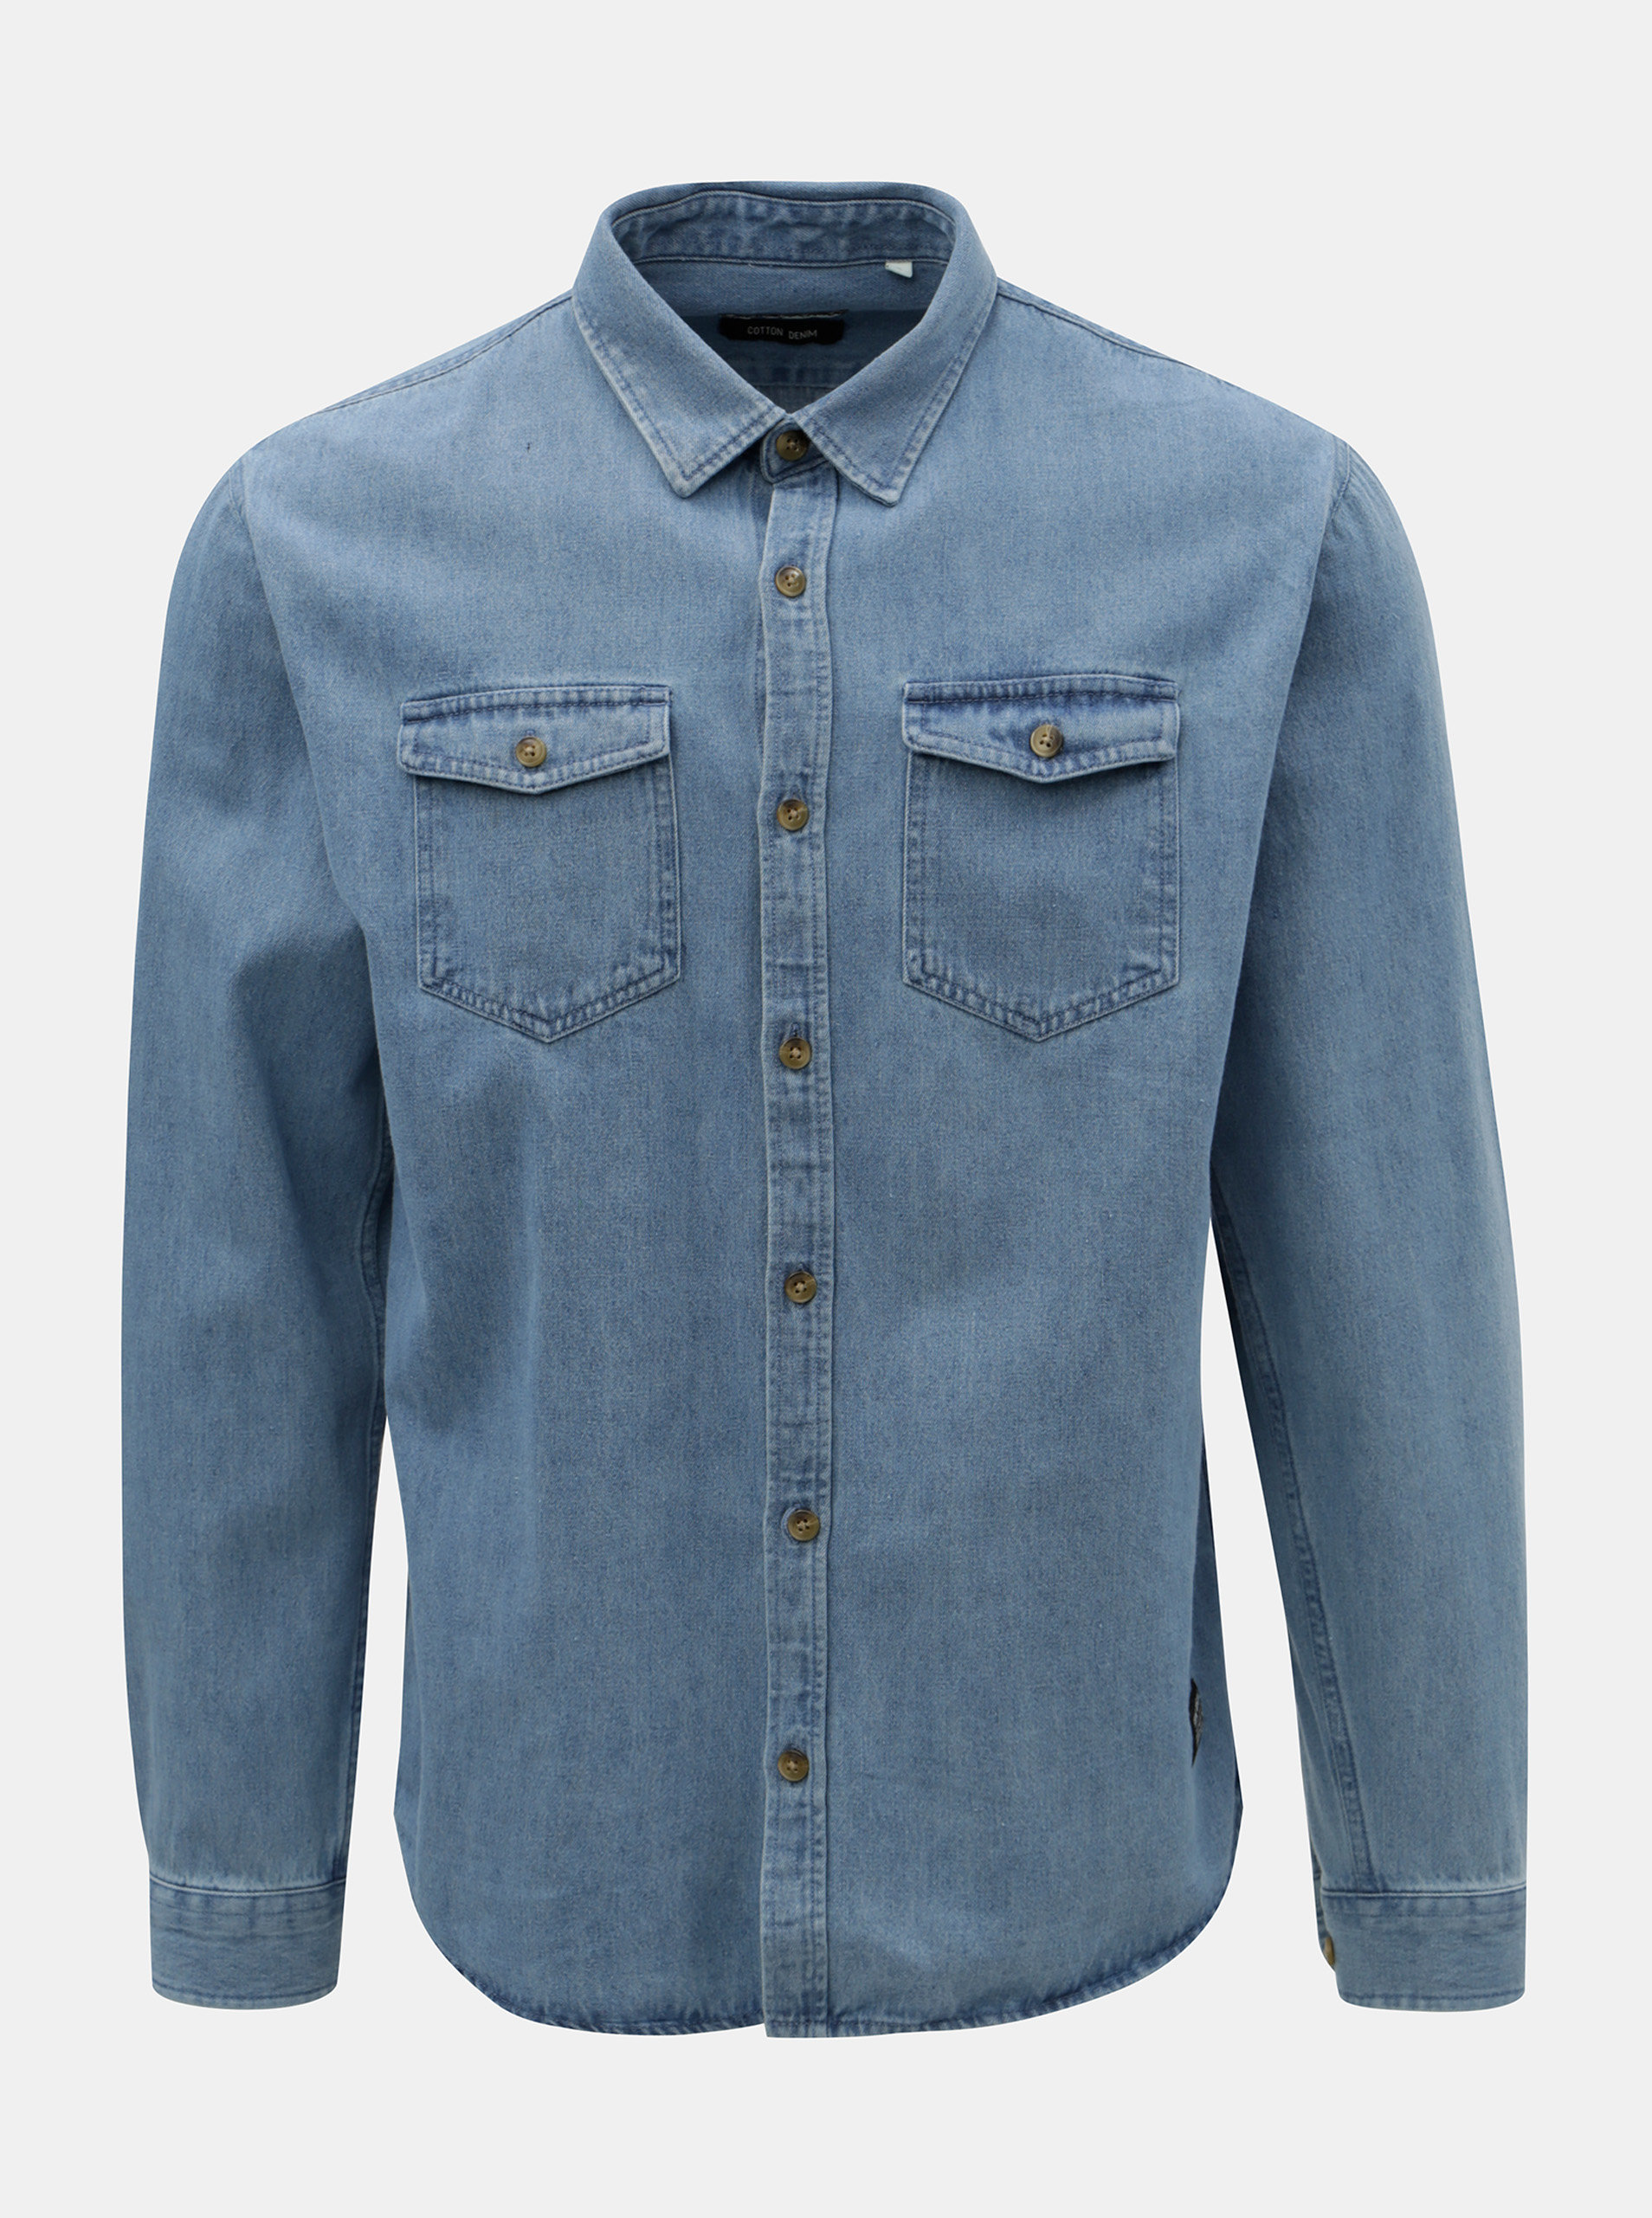 Modrá džínová košile s náprsními kapsami Shine Original